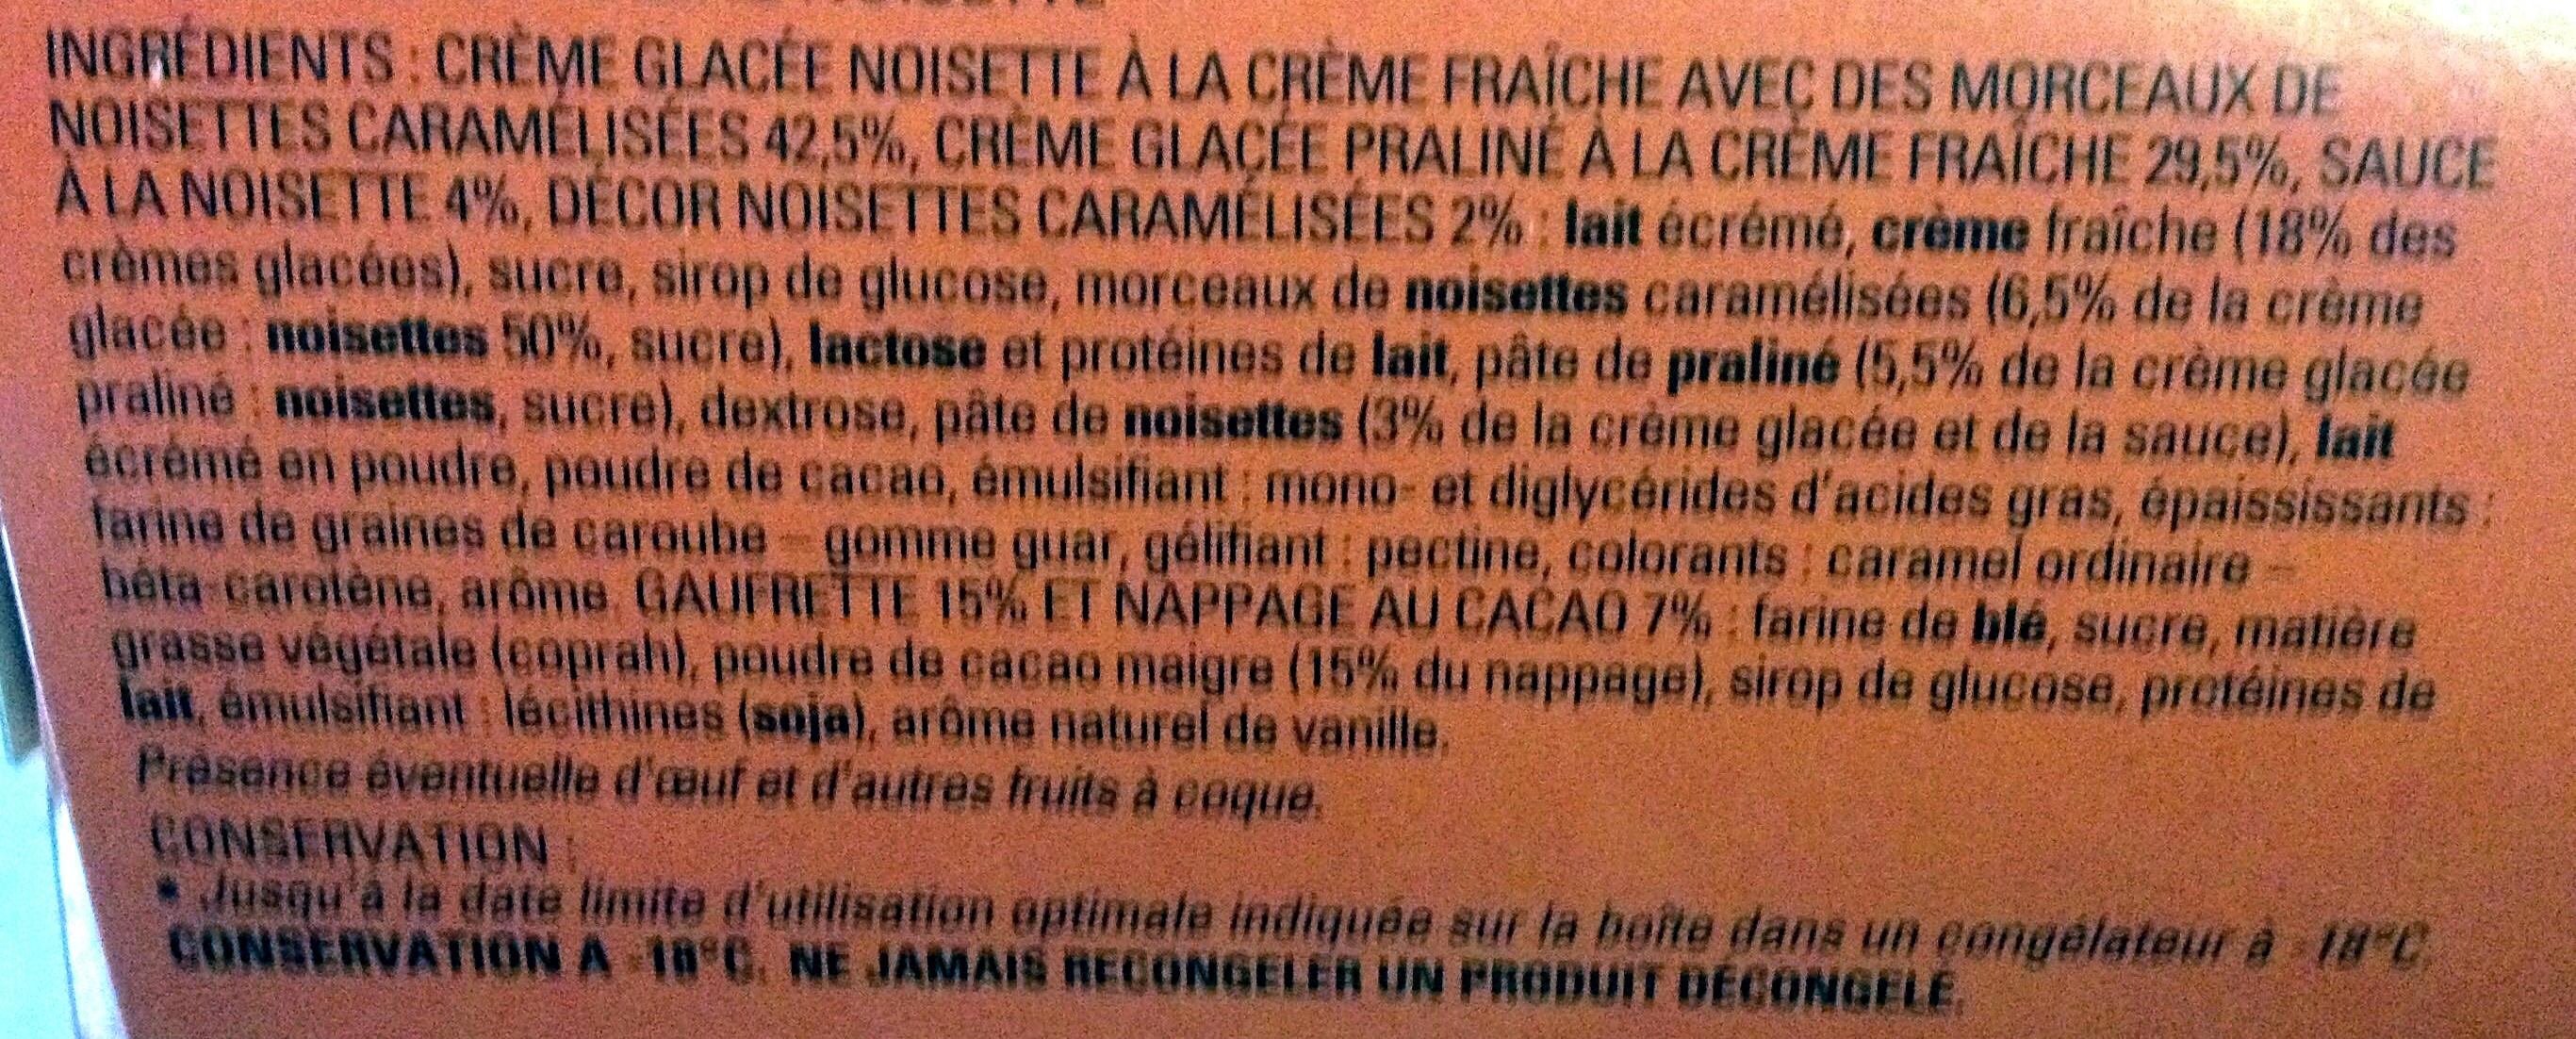 6 cornets praliné noisette - Ingrédients